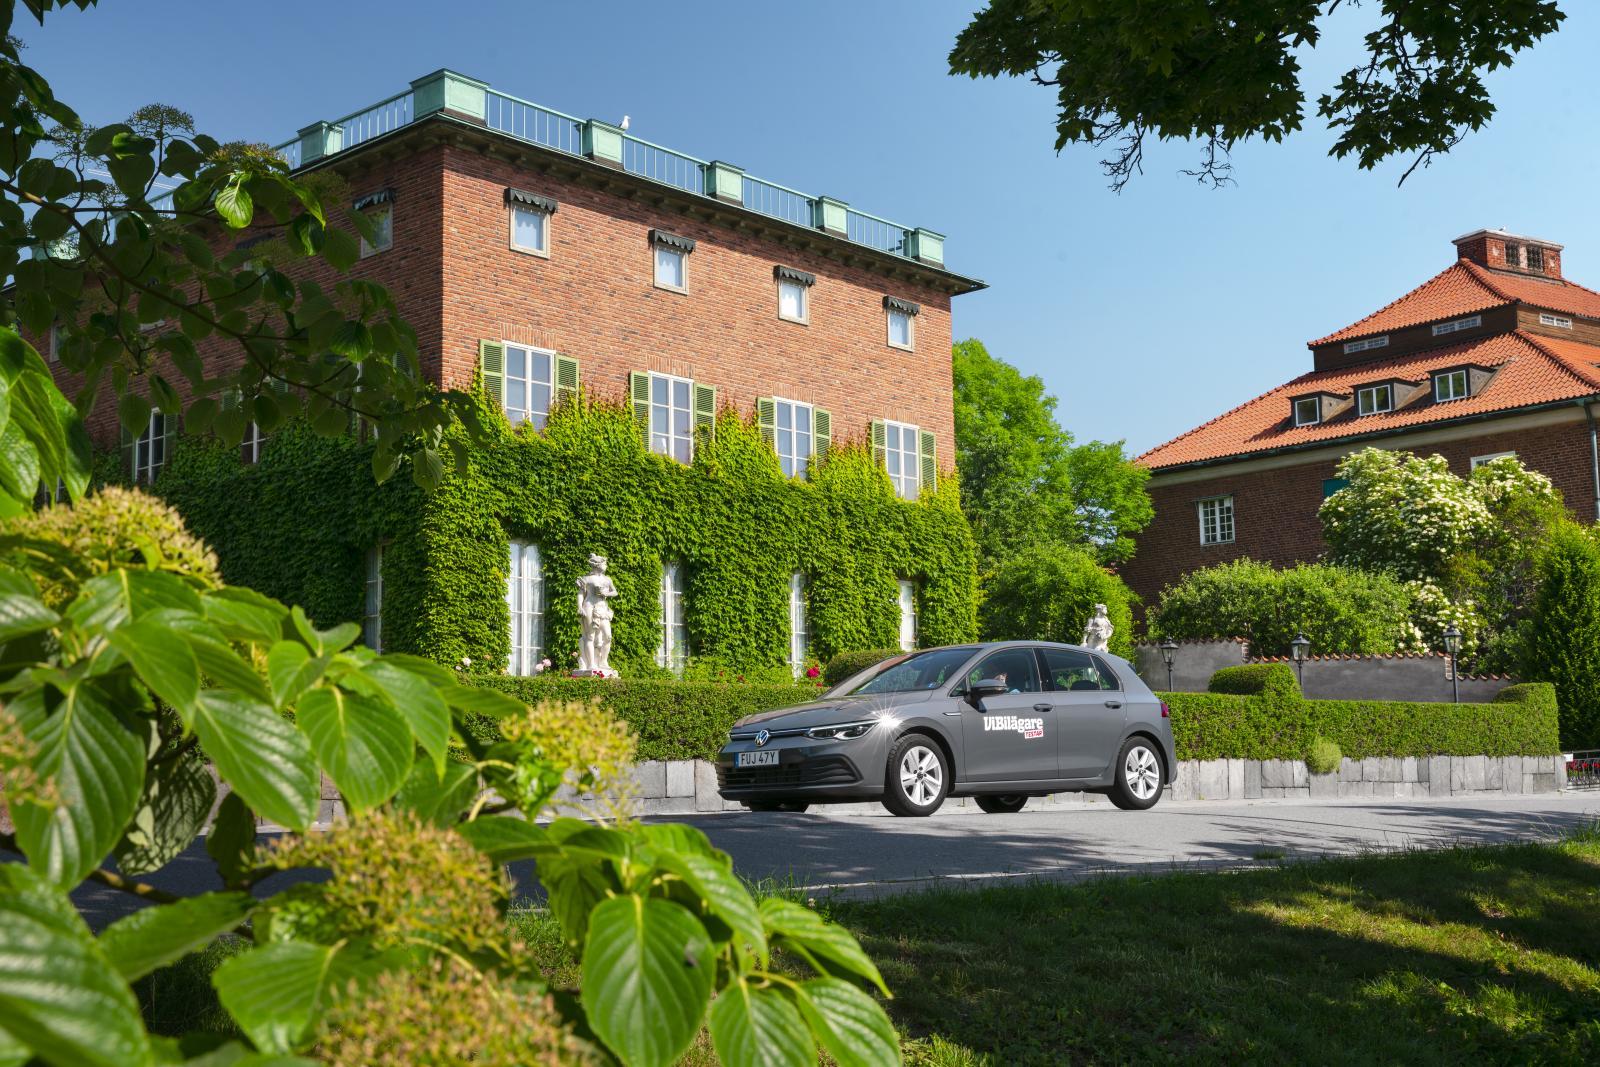 """Diplomatstaden har växt fram på det tidigare OS-området för rodd. Villa Bonnier (1927) disponeras av talman och regering för representation. Golf representerar i """"Dolphin Grey Metallic"""" och 16-tums fälgar """"Norfolk""""."""